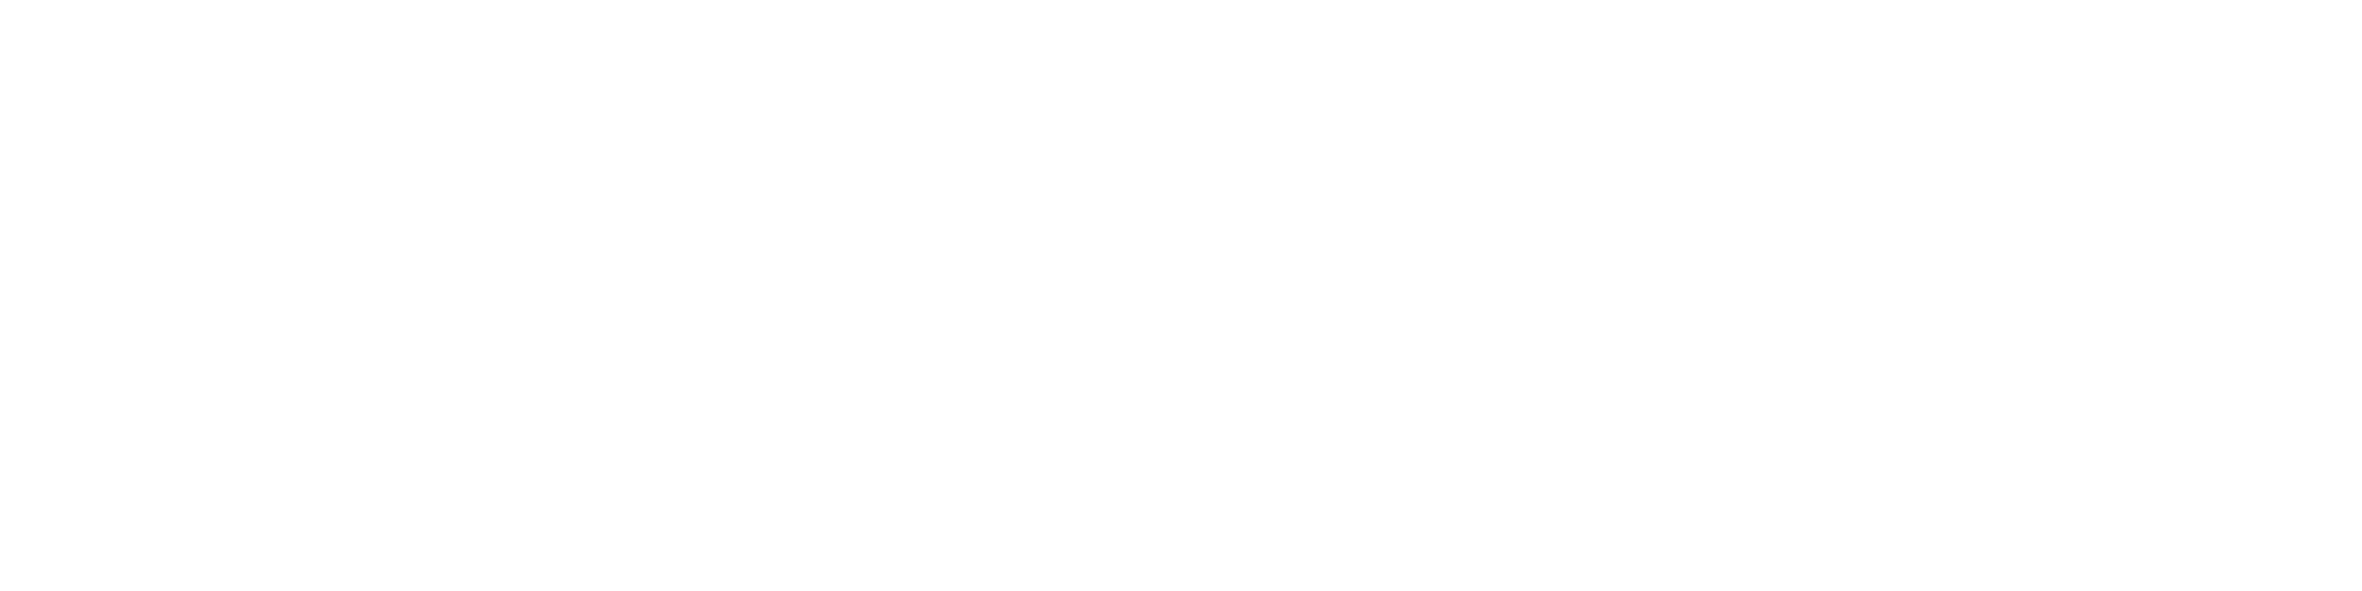 textmarka_Logo 2019_03